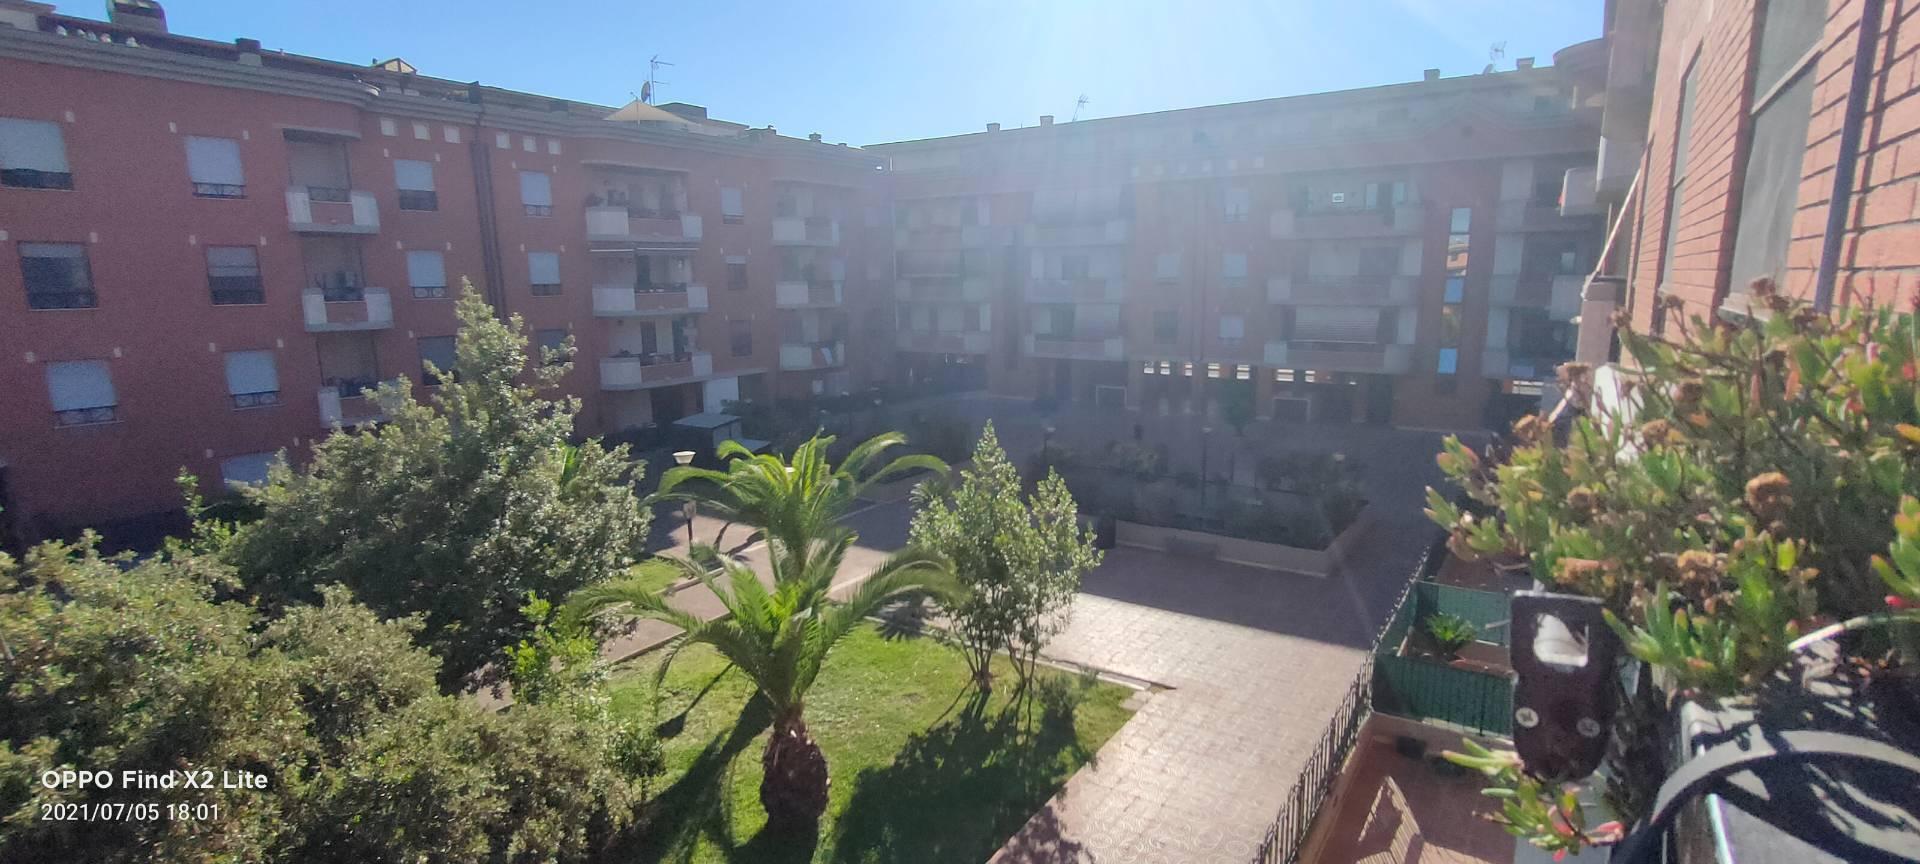 Appartamento in vendita a Cisterna di Latina, 4 locali, prezzo € 130.000   CambioCasa.it